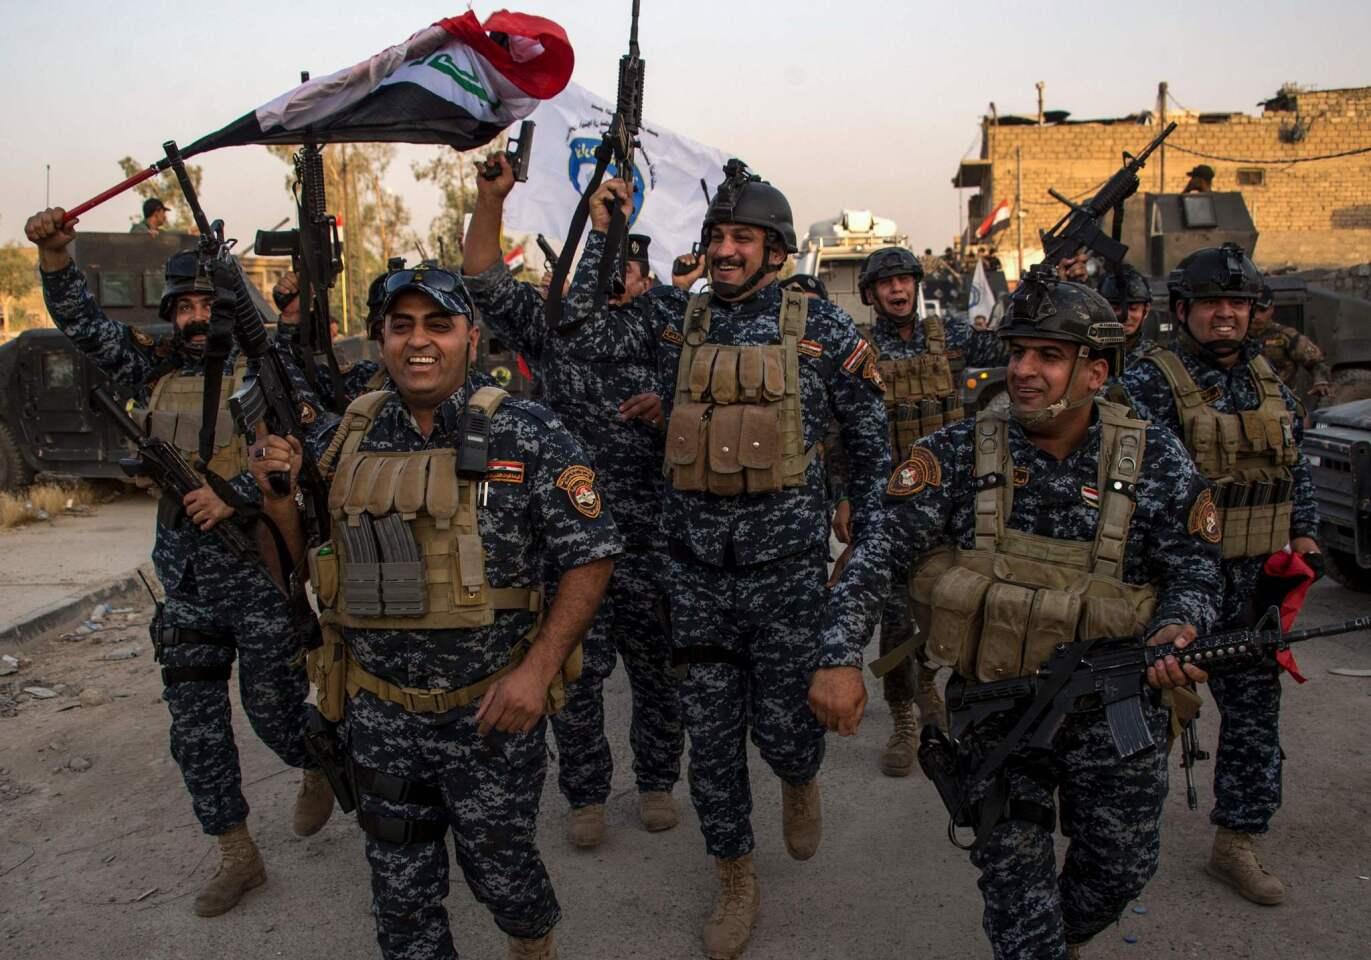 Celebration in Mosul